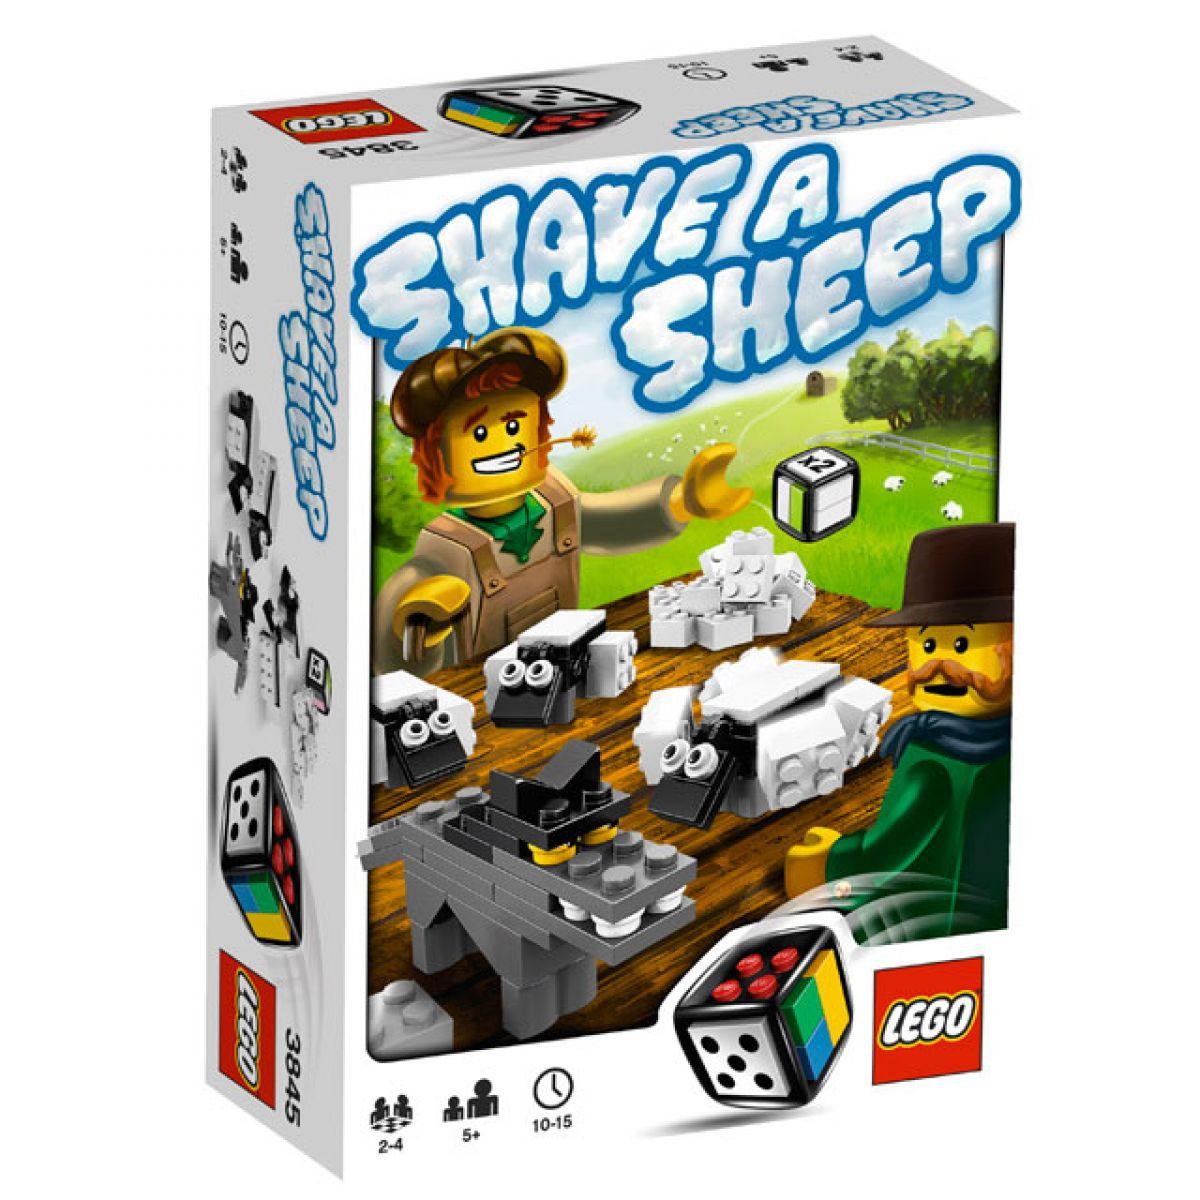 LEGO hra 3845 Ovečka